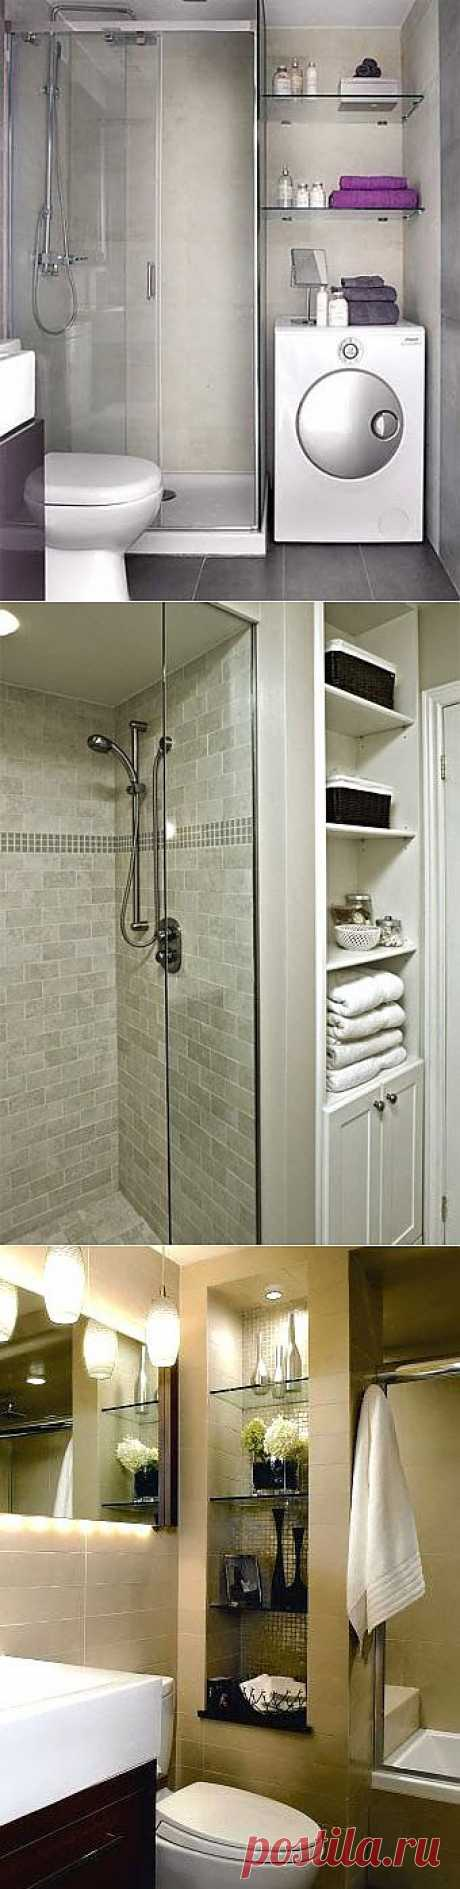 19 способов зрительно увеличить ванную комнату - Учимся Делать Все Сами